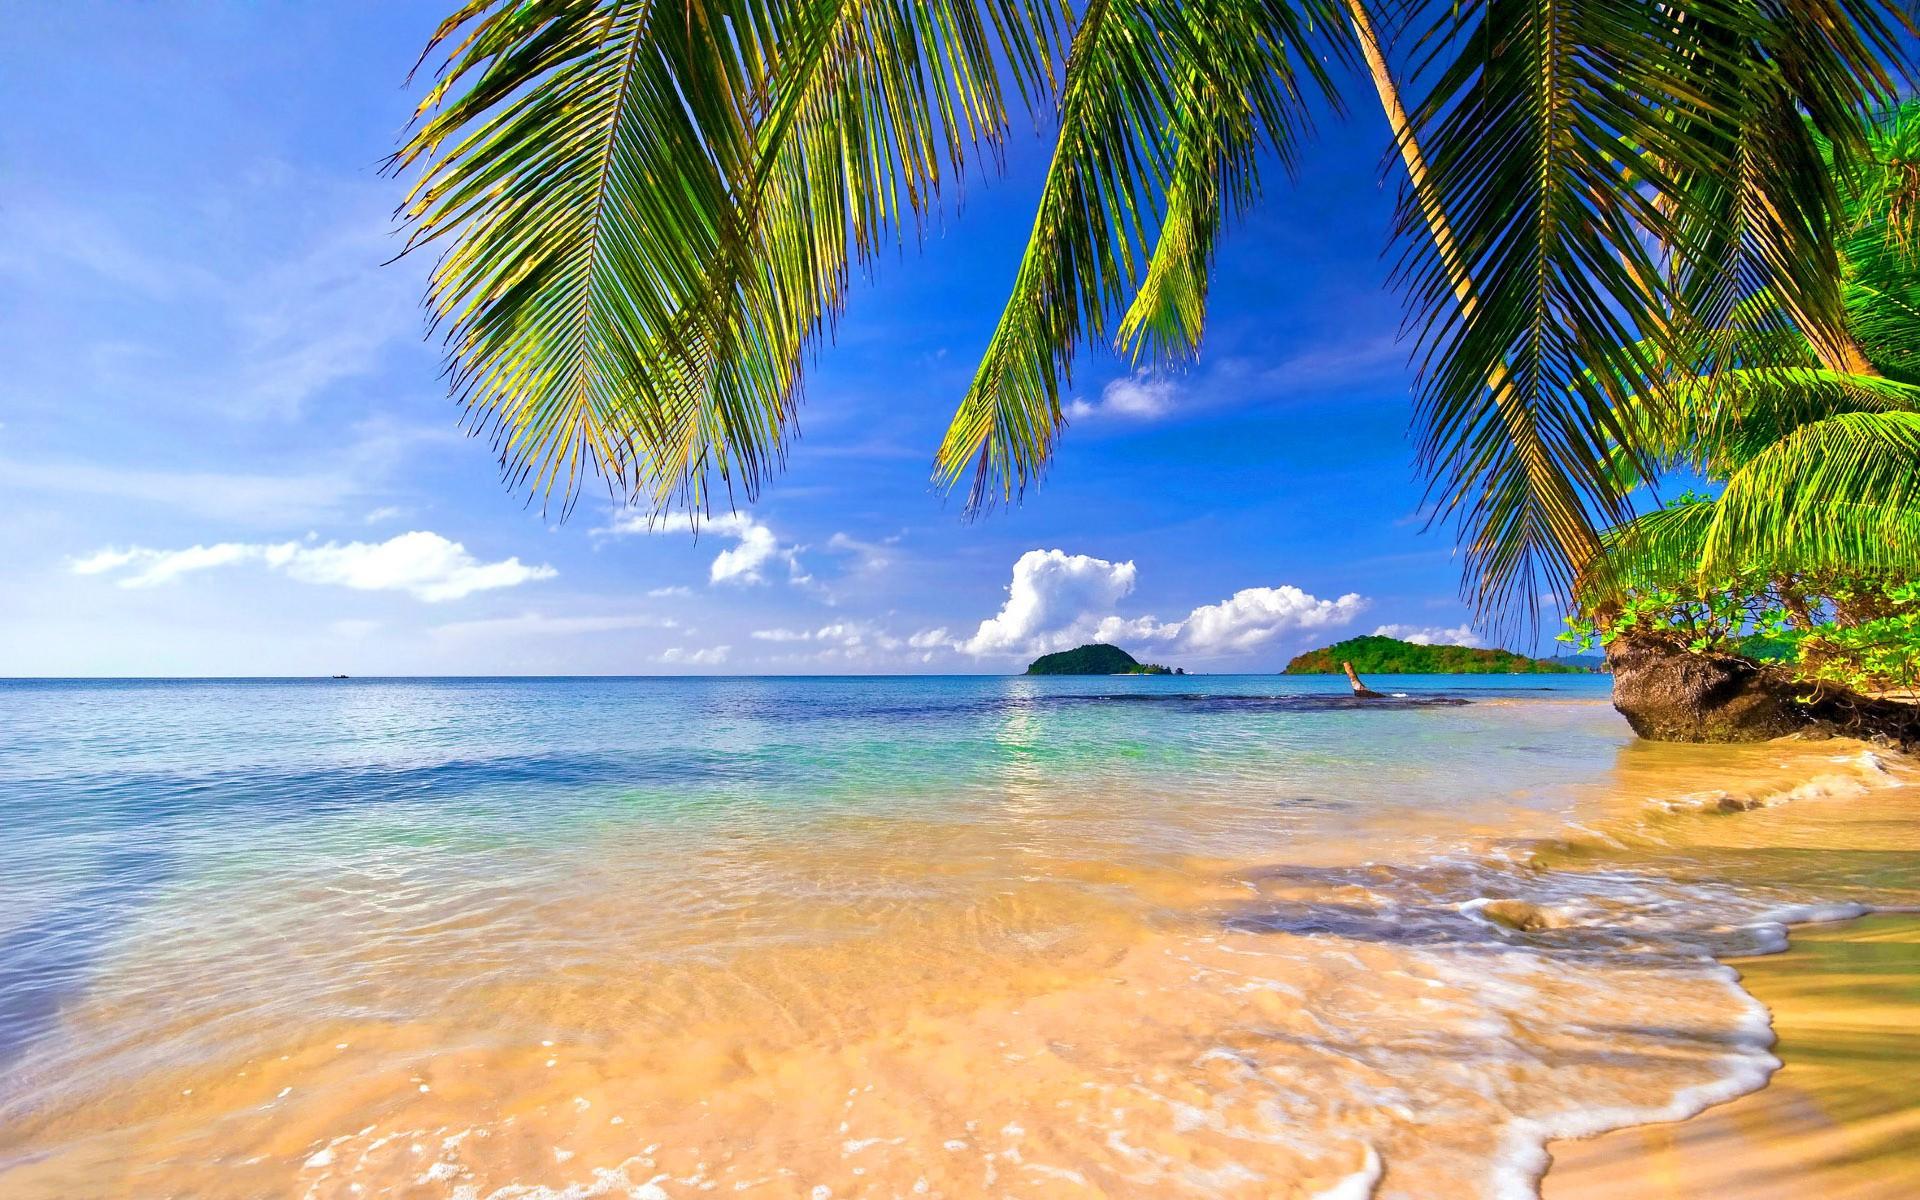 Обои на рабочий стол море солнце пляж 1366 768